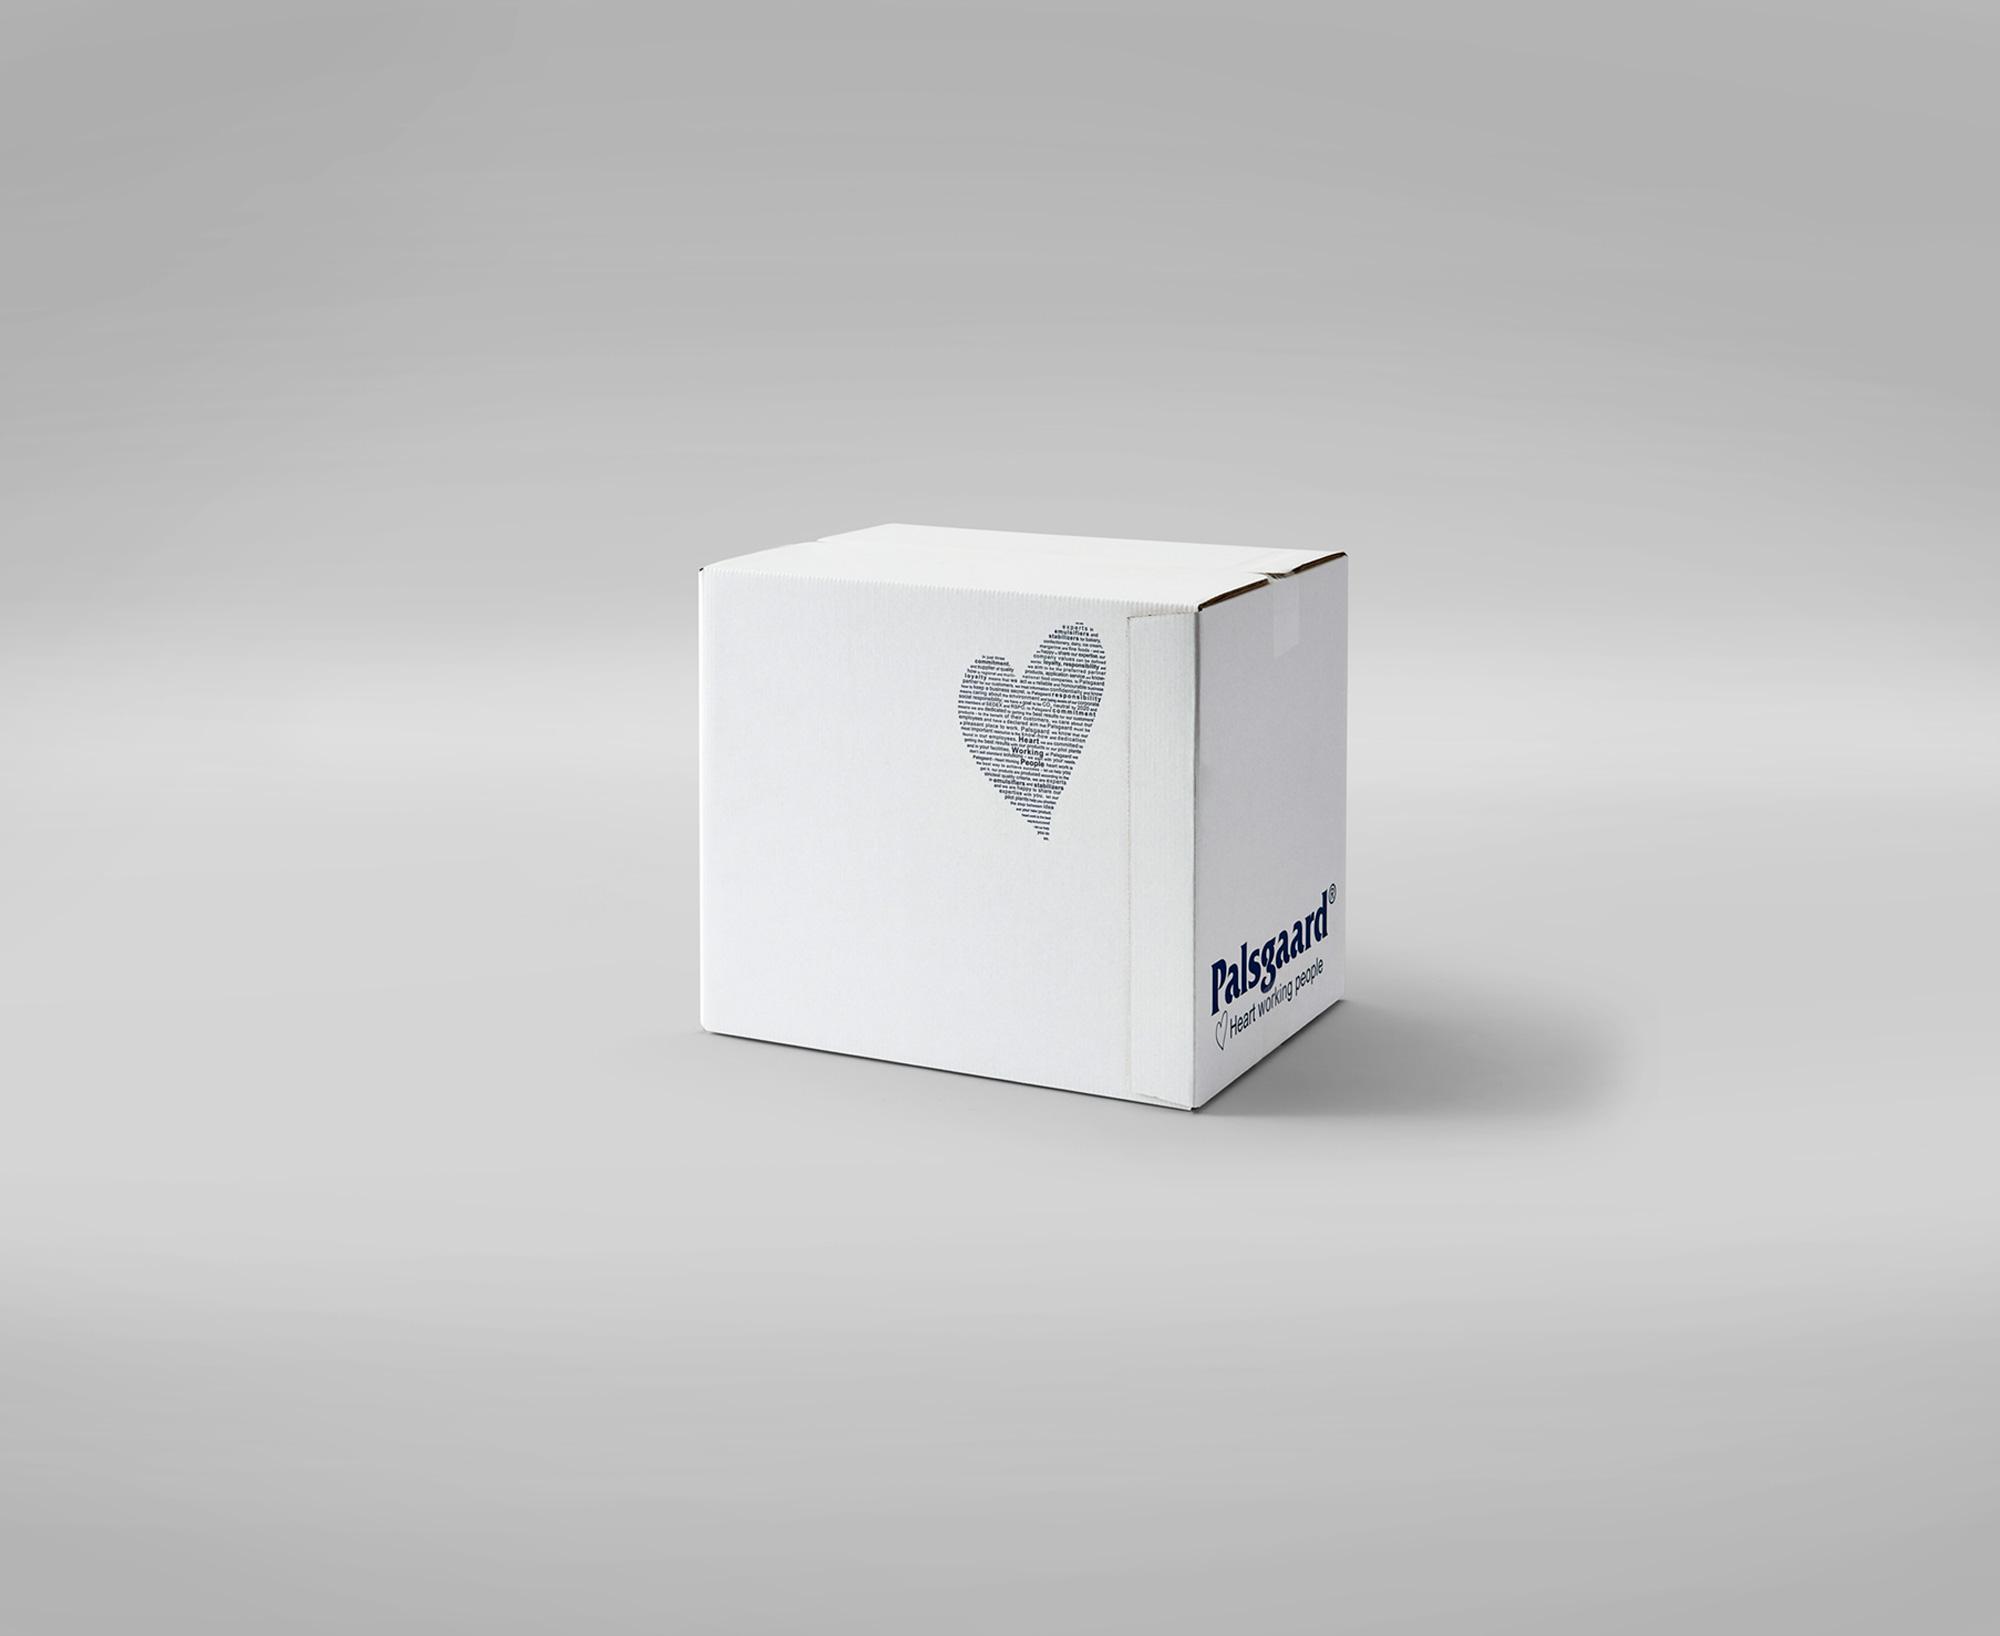 Udvendig limklap skåner emballagens indhold mod rifter og brud